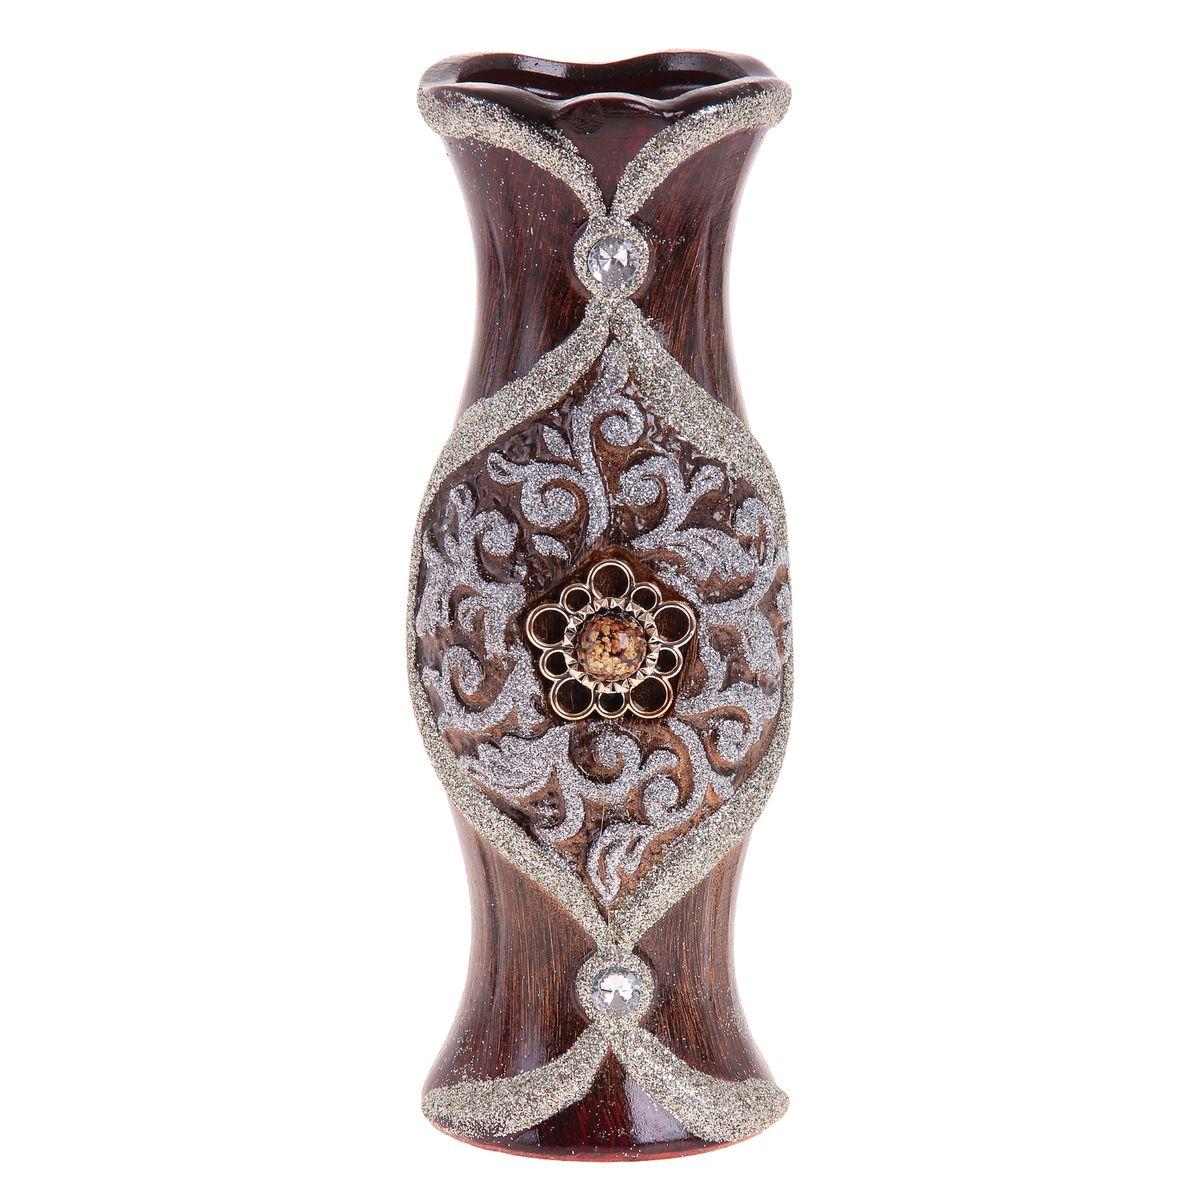 Ваза Sima-land Брошка, цвет: коричневый, серебристый, высота 30 см913542Ваза Sima-land Брошка изготовлена из высококачественной керамики и декорирована блестками и пластиковой брошкой. Интересная форма и необычное оформление сделают эту вазу замечательным украшением интерьера. Ваза предназначена как для живых, так и для искусственных цветов. Любое помещение выглядит незавершенным без правильно расположенных предметов интерьера. Они помогают создать уют, расставить акценты, подчеркнуть достоинства или скрыть недостатки.